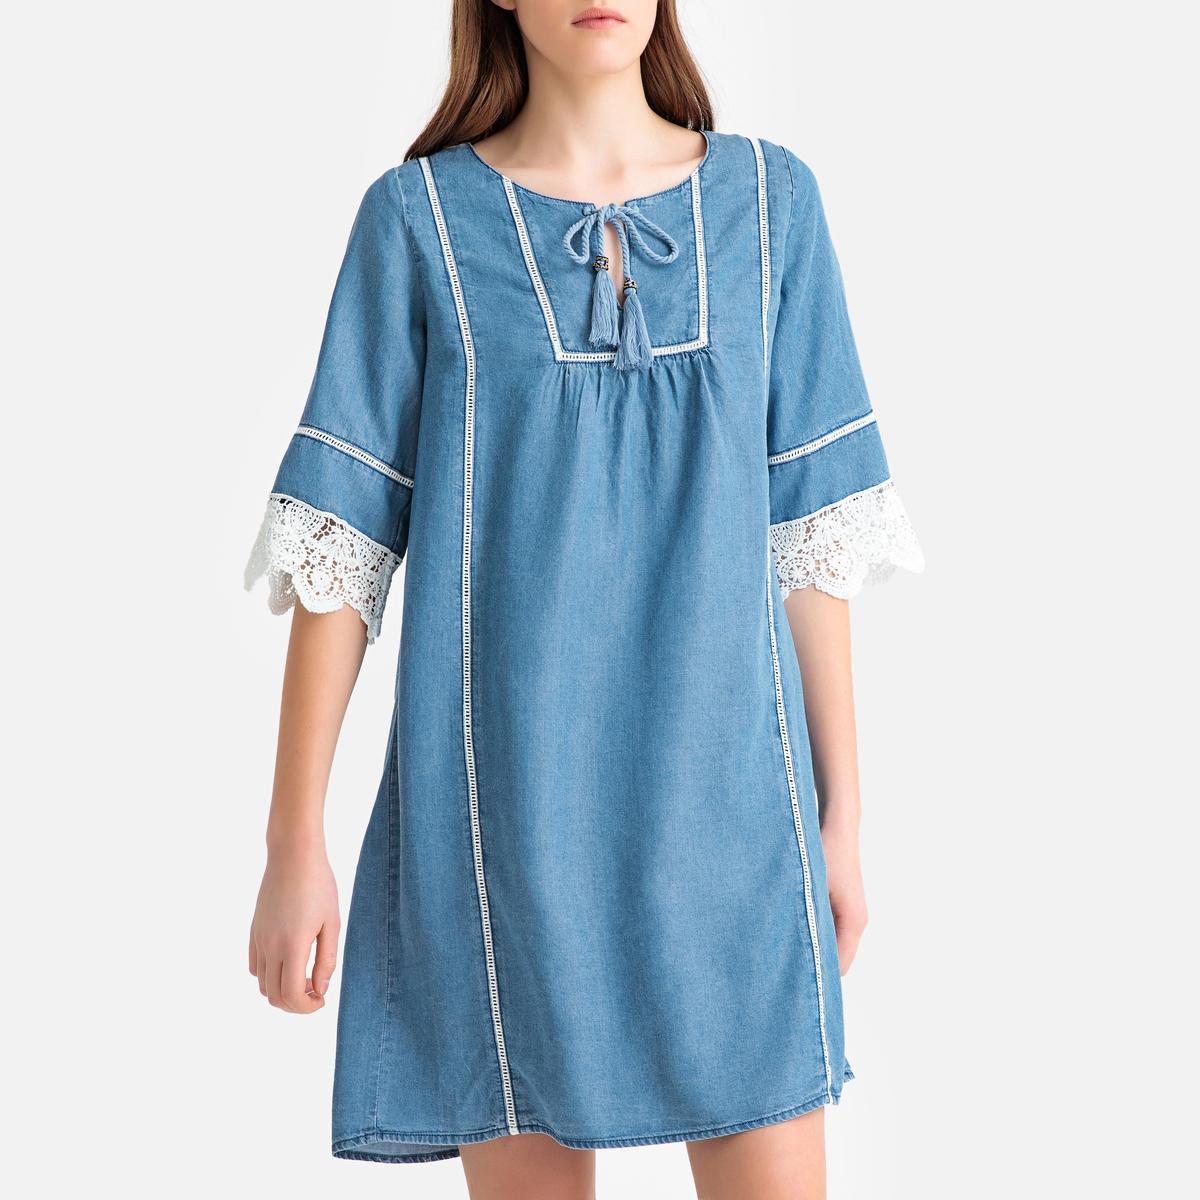 Vestido em Lyocell, mangas 3/4, acabamento bordado